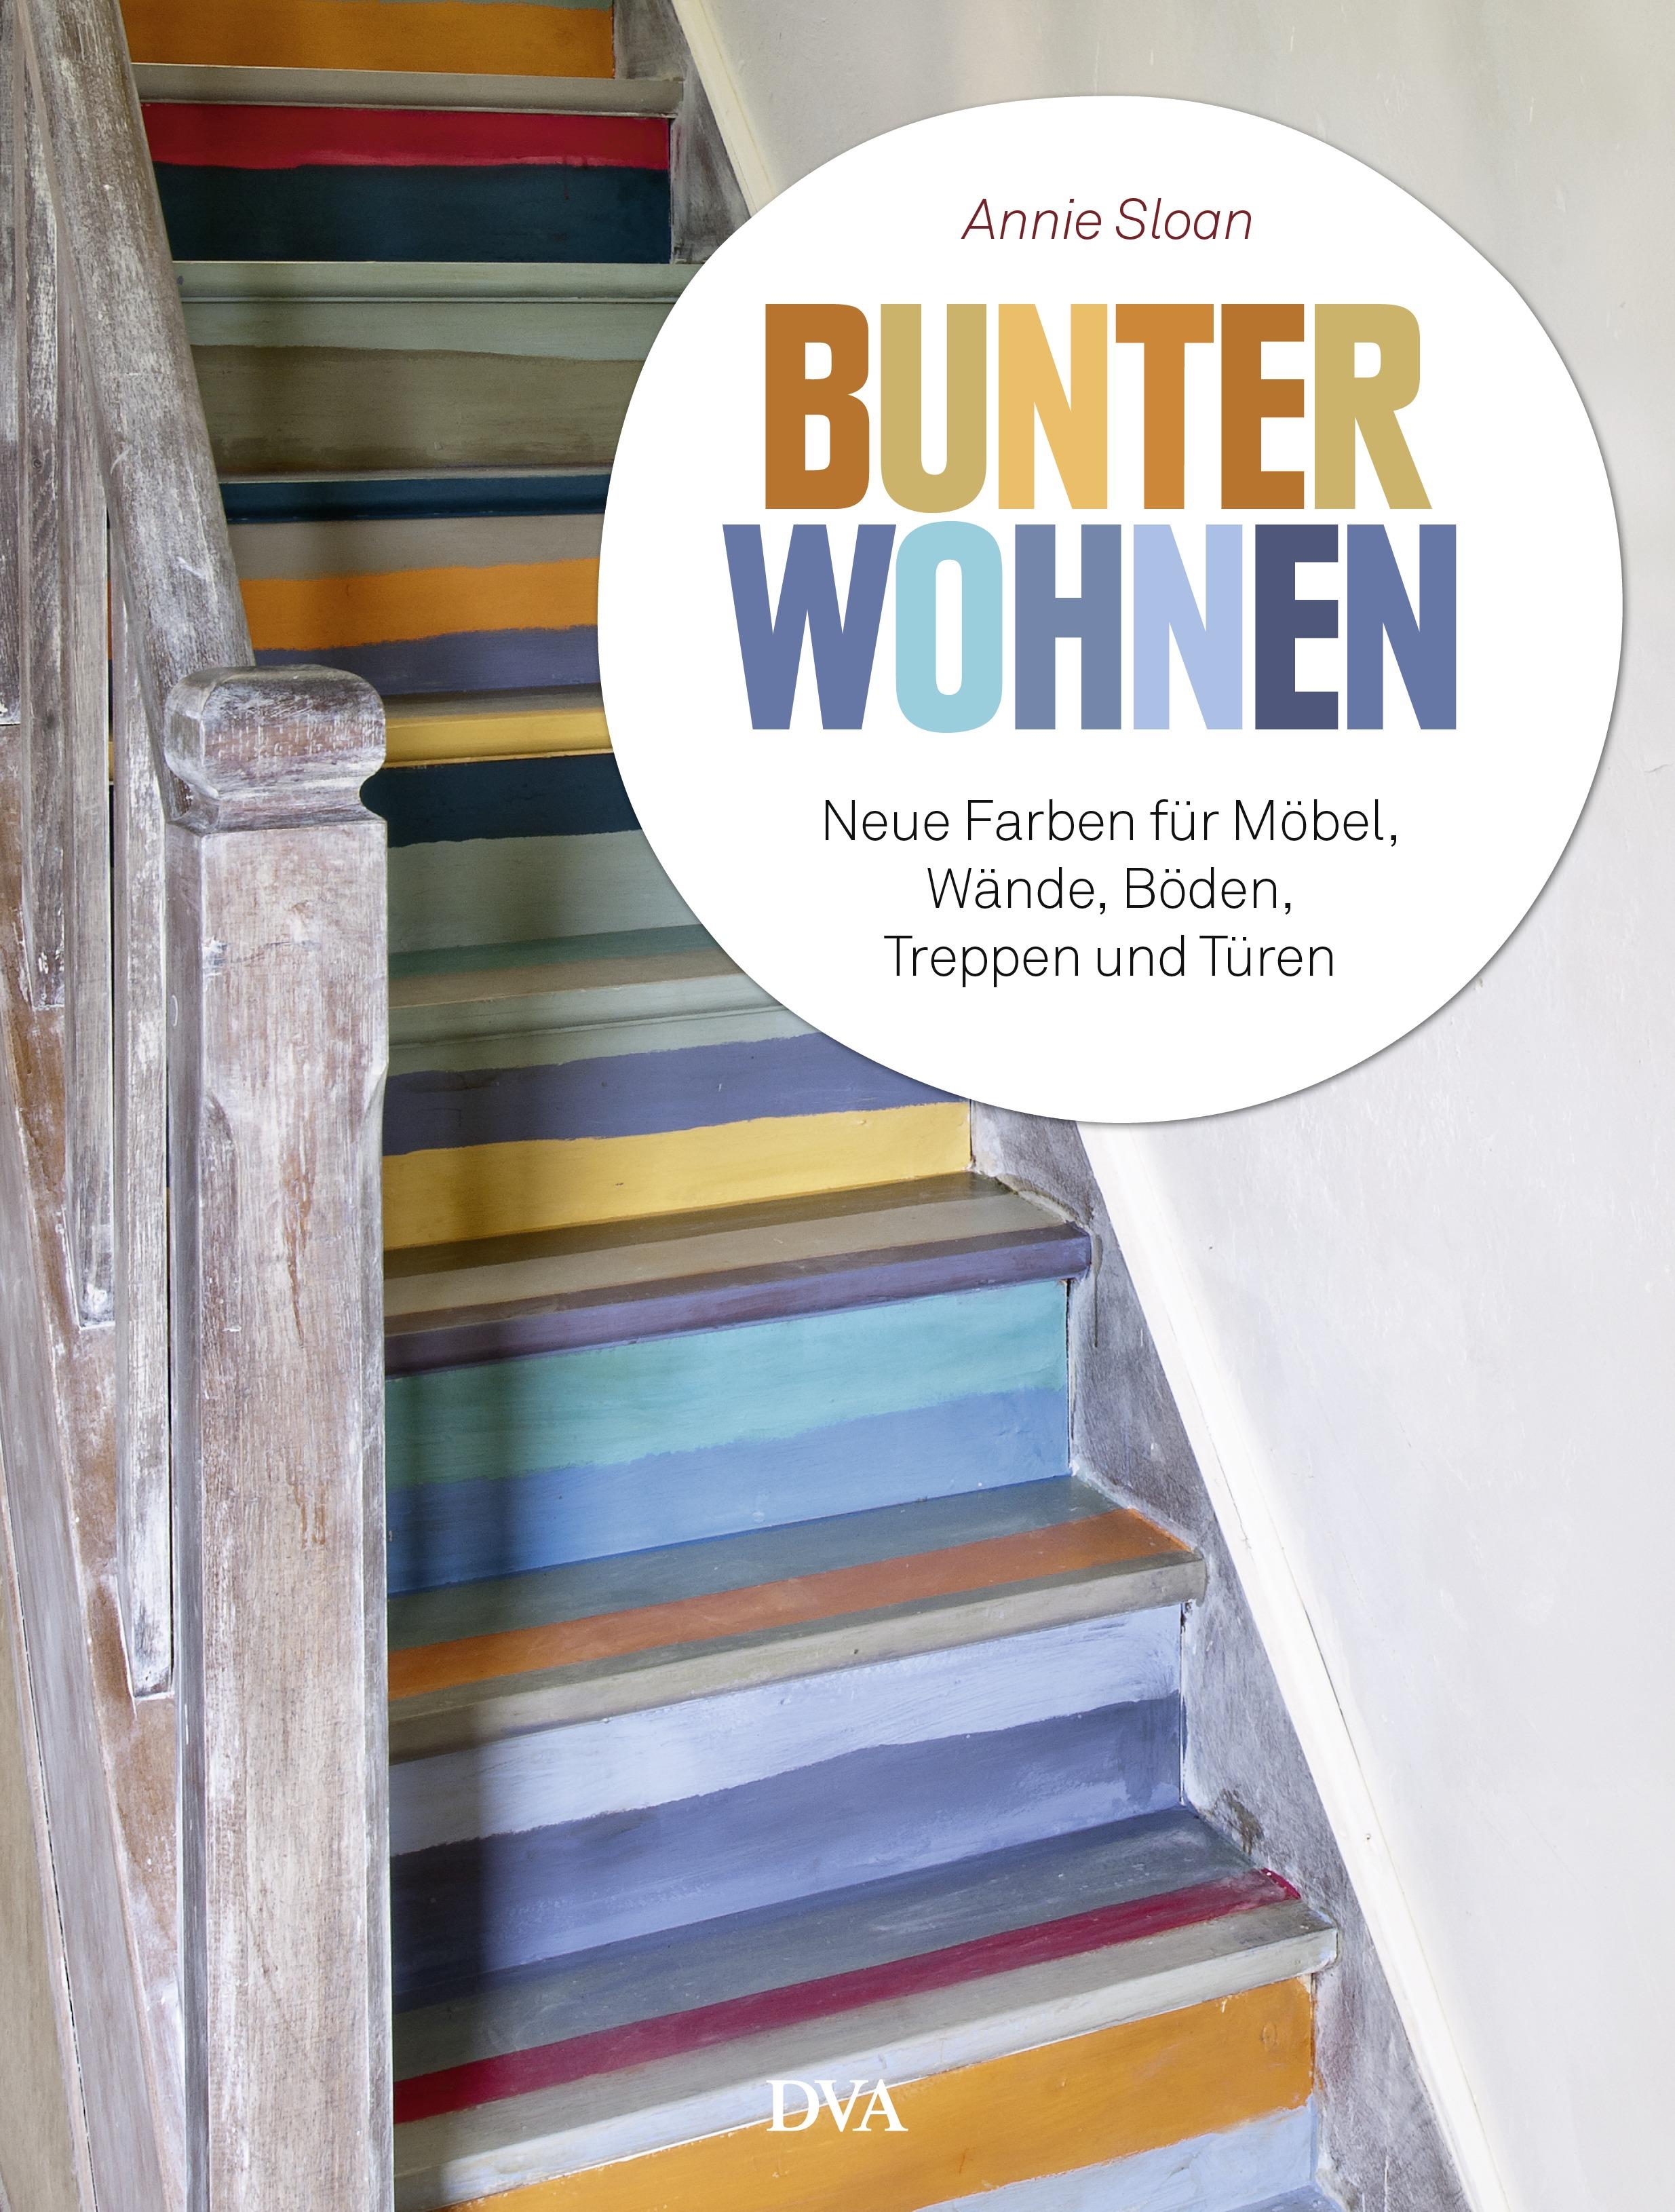 Bunter wohnen: Neue Farben für Möbel, Wände, Böden, Treppen und Türen - Annie Sloan [Broschiert]